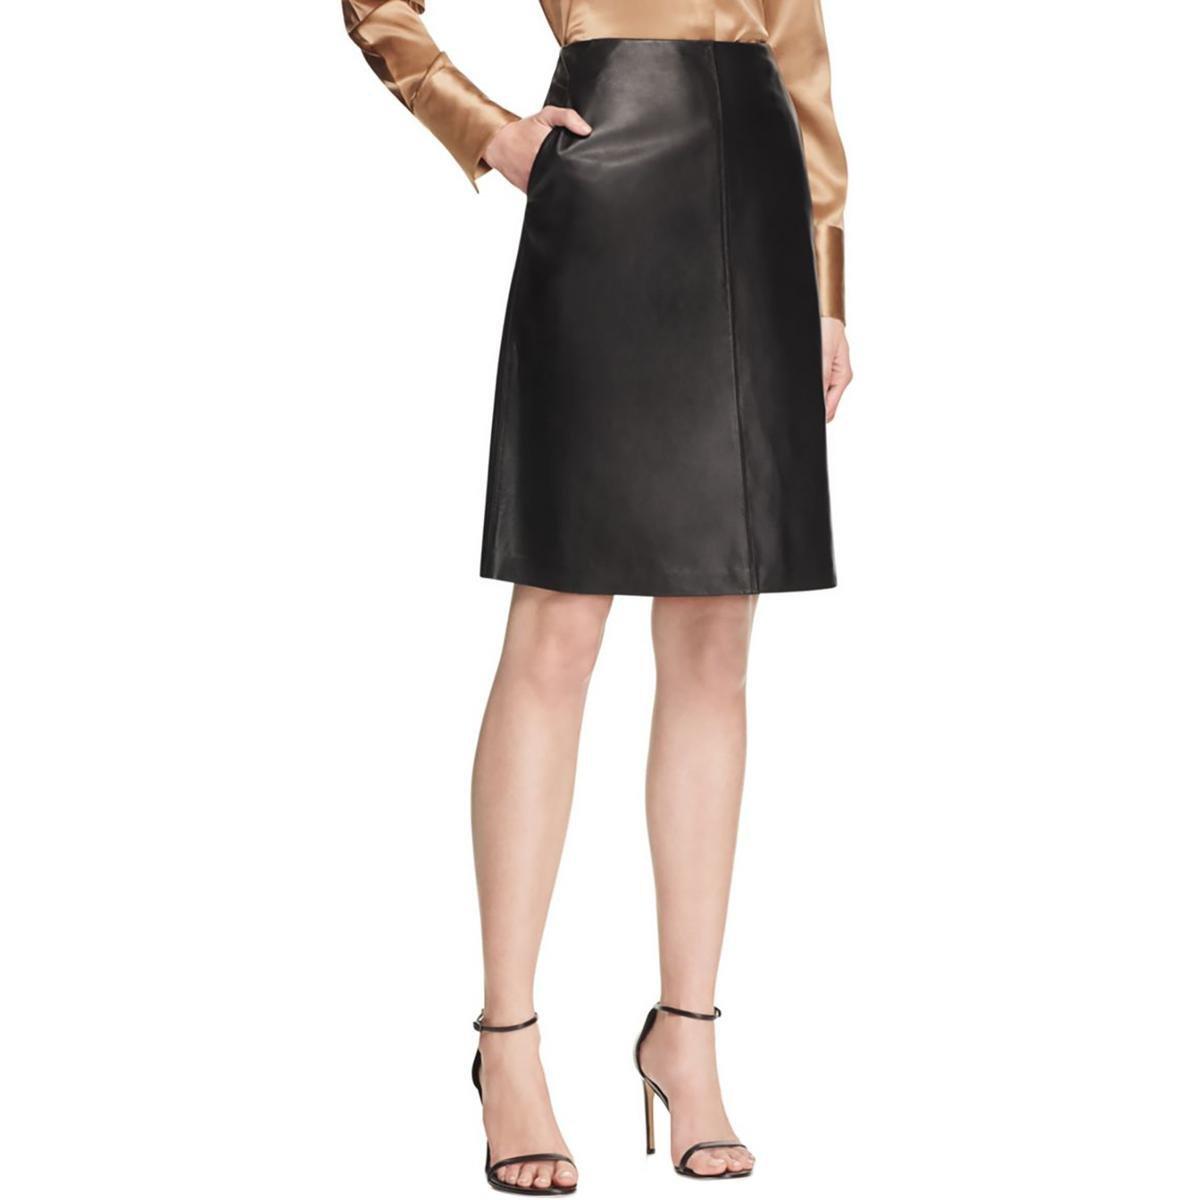 Lafayette 148 Womens Tatiana Leather Lined A-Line Skirt Black 10